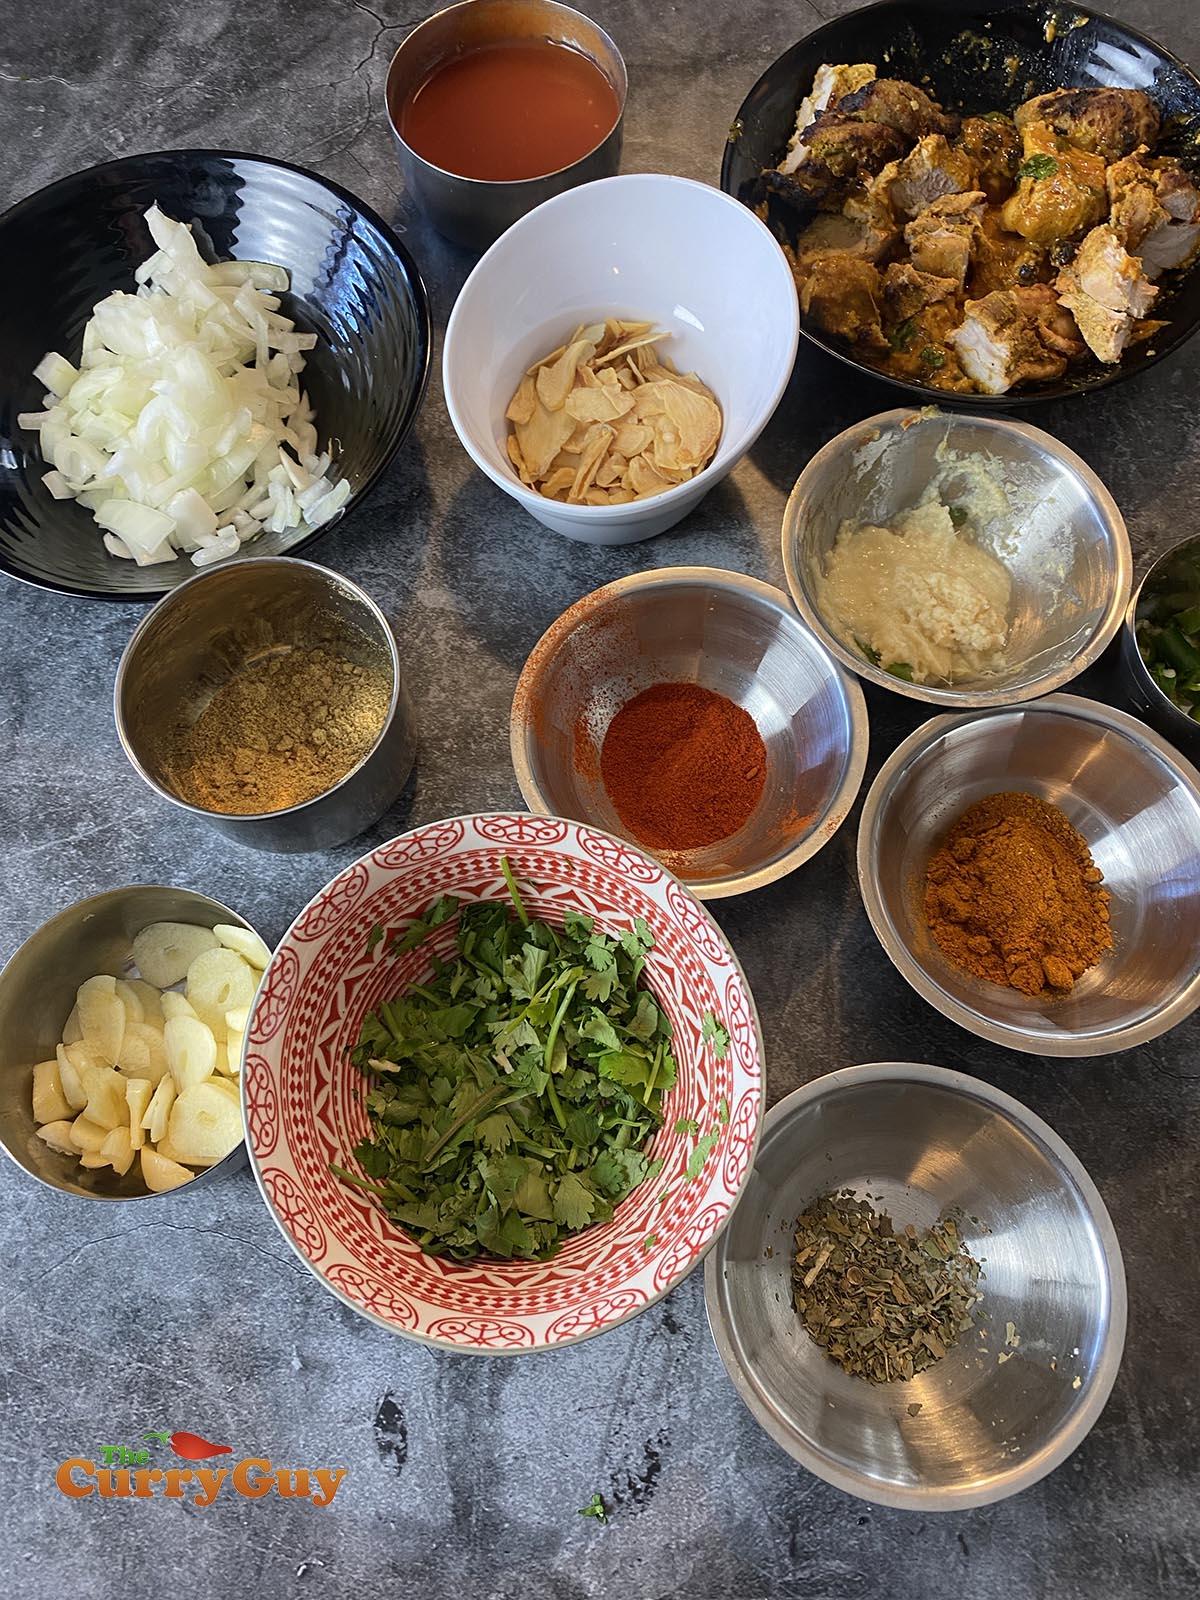 Ingredients for garlic chilli chicken